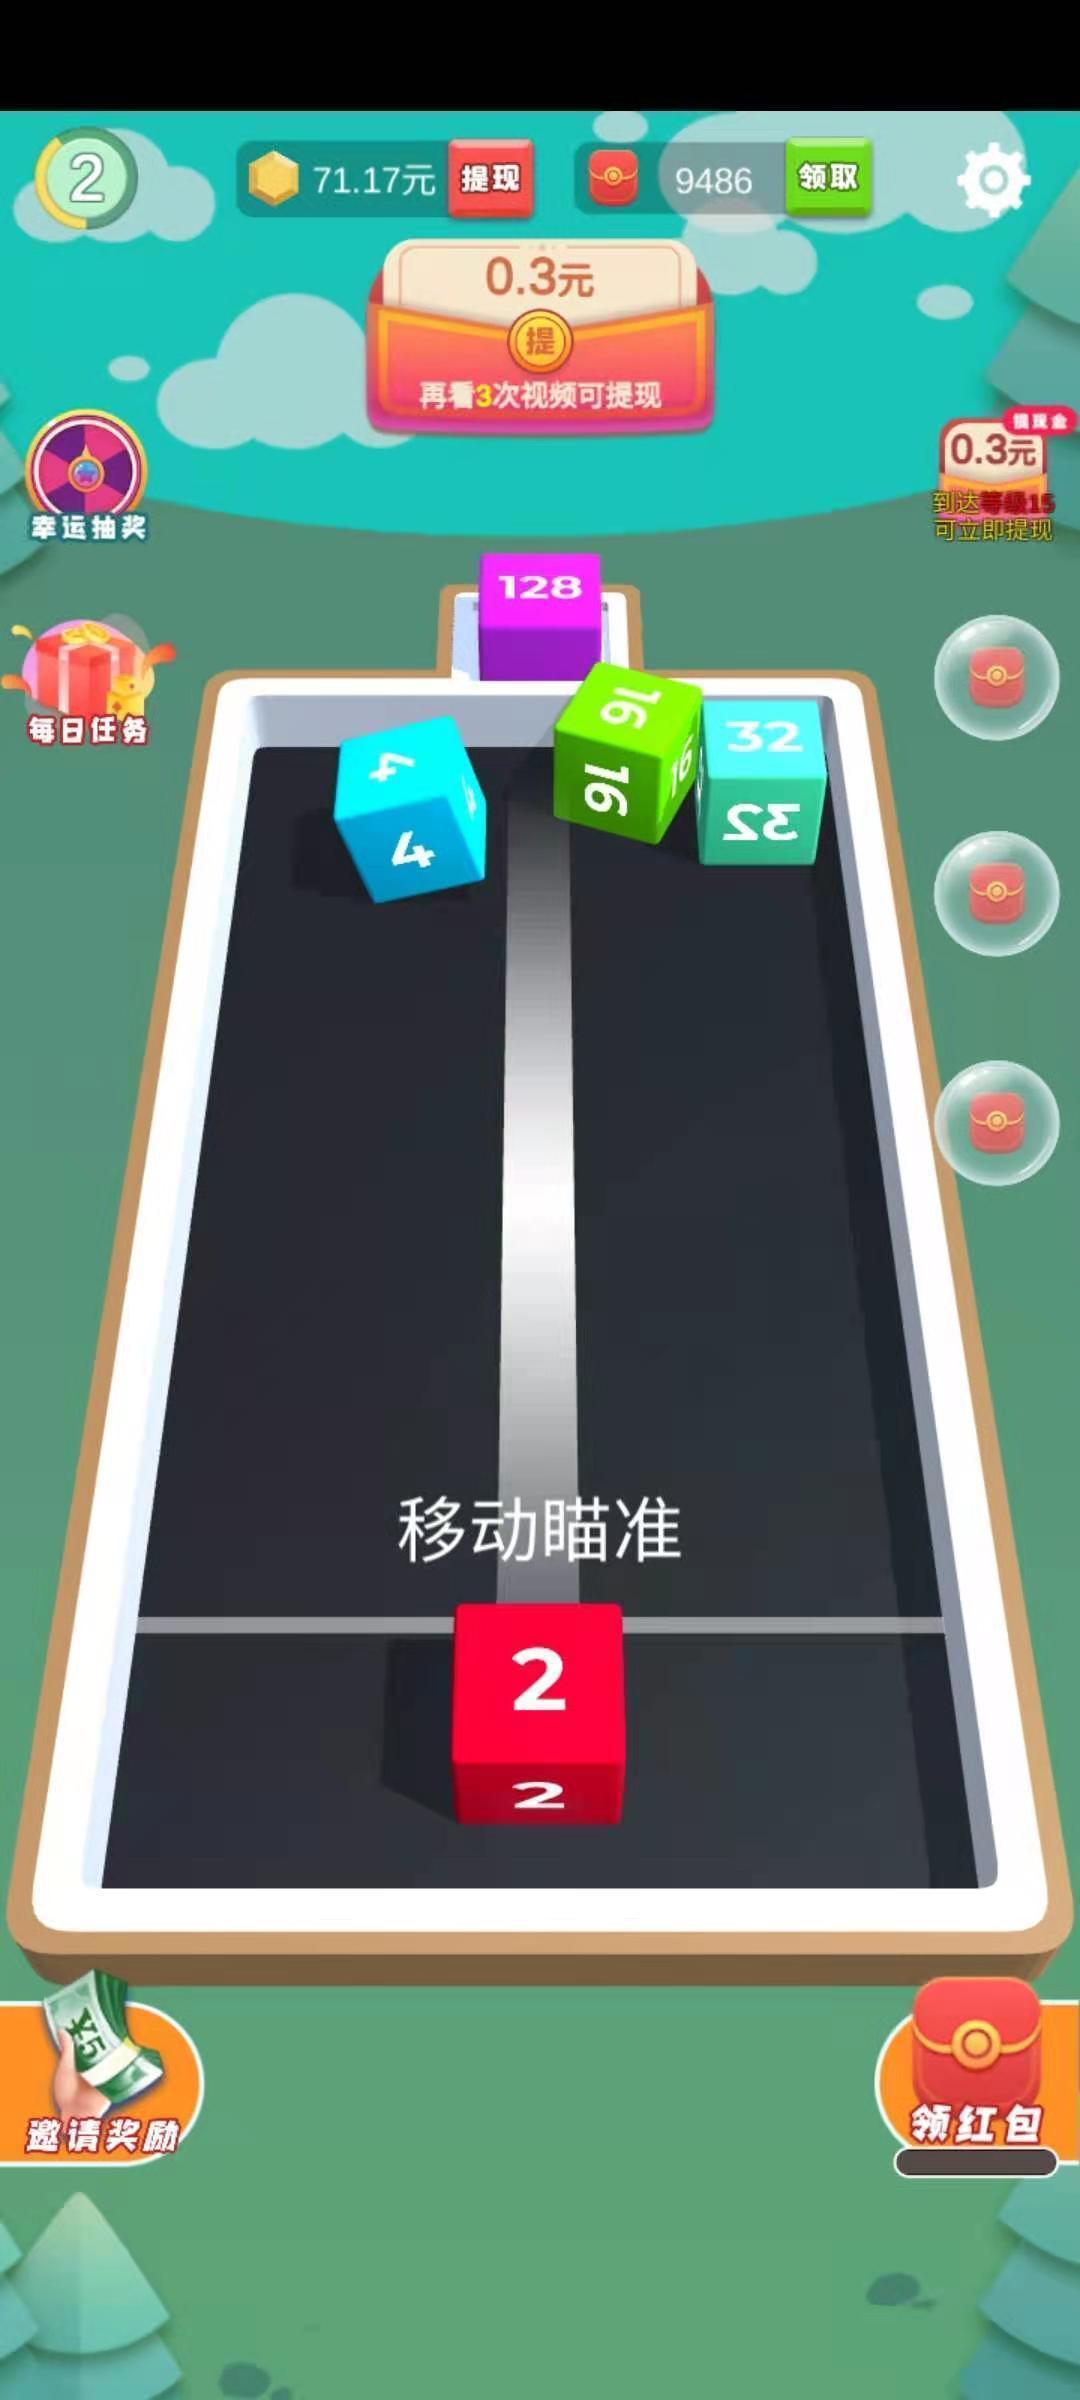 滚动方块红包版正版下载手机版官方2021图3: